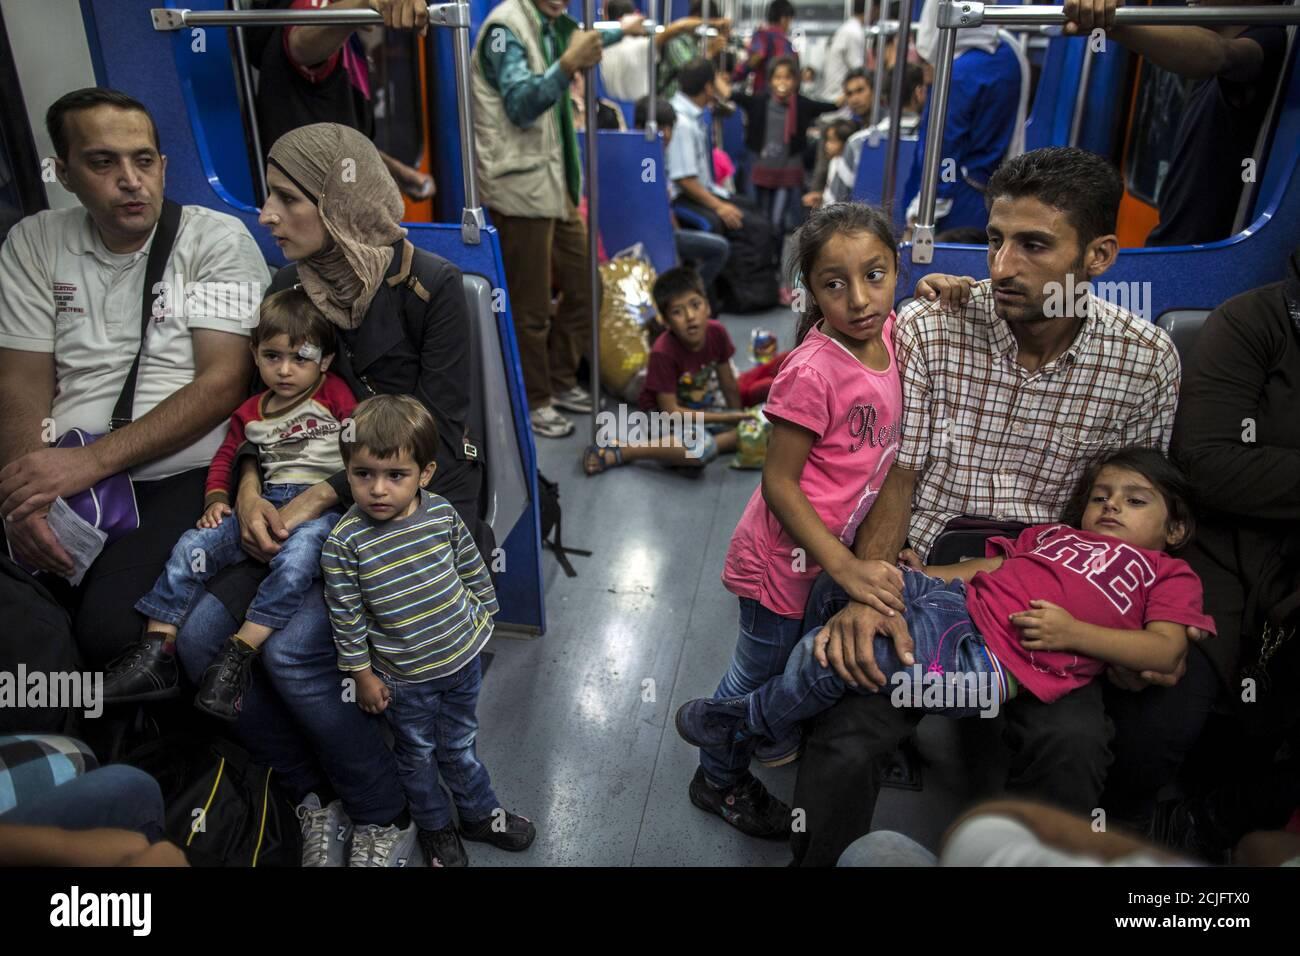 Yasmine (3° R), 6 anni, un migrante del Deir al Zour, Siria dilaniata dalla guerra, siede con i suoi genitori sulla metropolitana ad Atene, Grecia, 12 settembre 2015. Il passaggio dalla Turchia a Lesbos e l'eventuale viaggio ad Atene sono solo l'inizio per Yasmine e altre famiglie. Più avanti si trova un trekking a nord attraverso la Grecia, attraverso la Macedonia e la Serbia fino all'Ungheria e verso l'Austria, la Germania e i paesi più industrializzati. Foto scattata il 12 settembre 2015. REUTERS/Zohra Bensemra Foto Stock